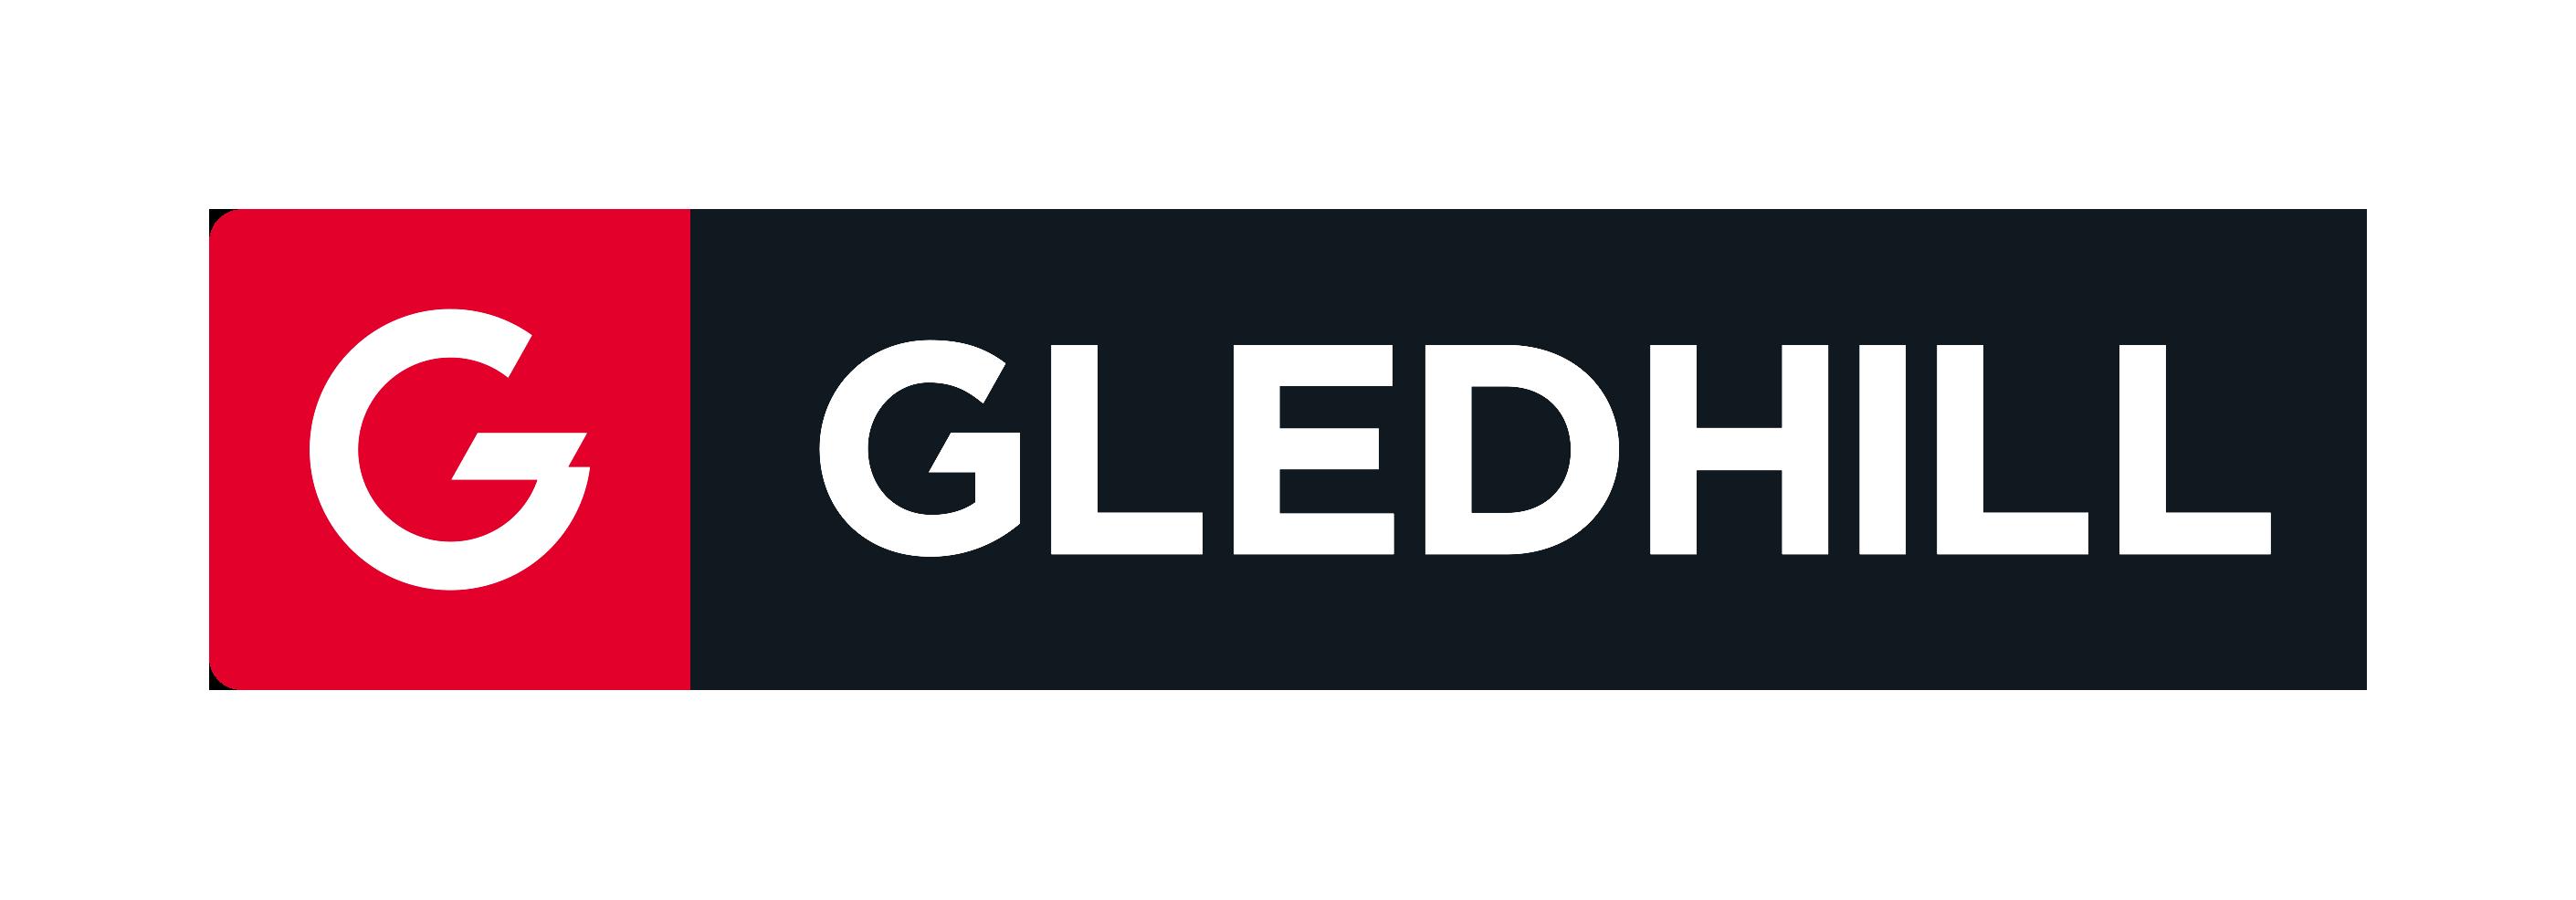 the-gledhill-logo_redblack_rgb